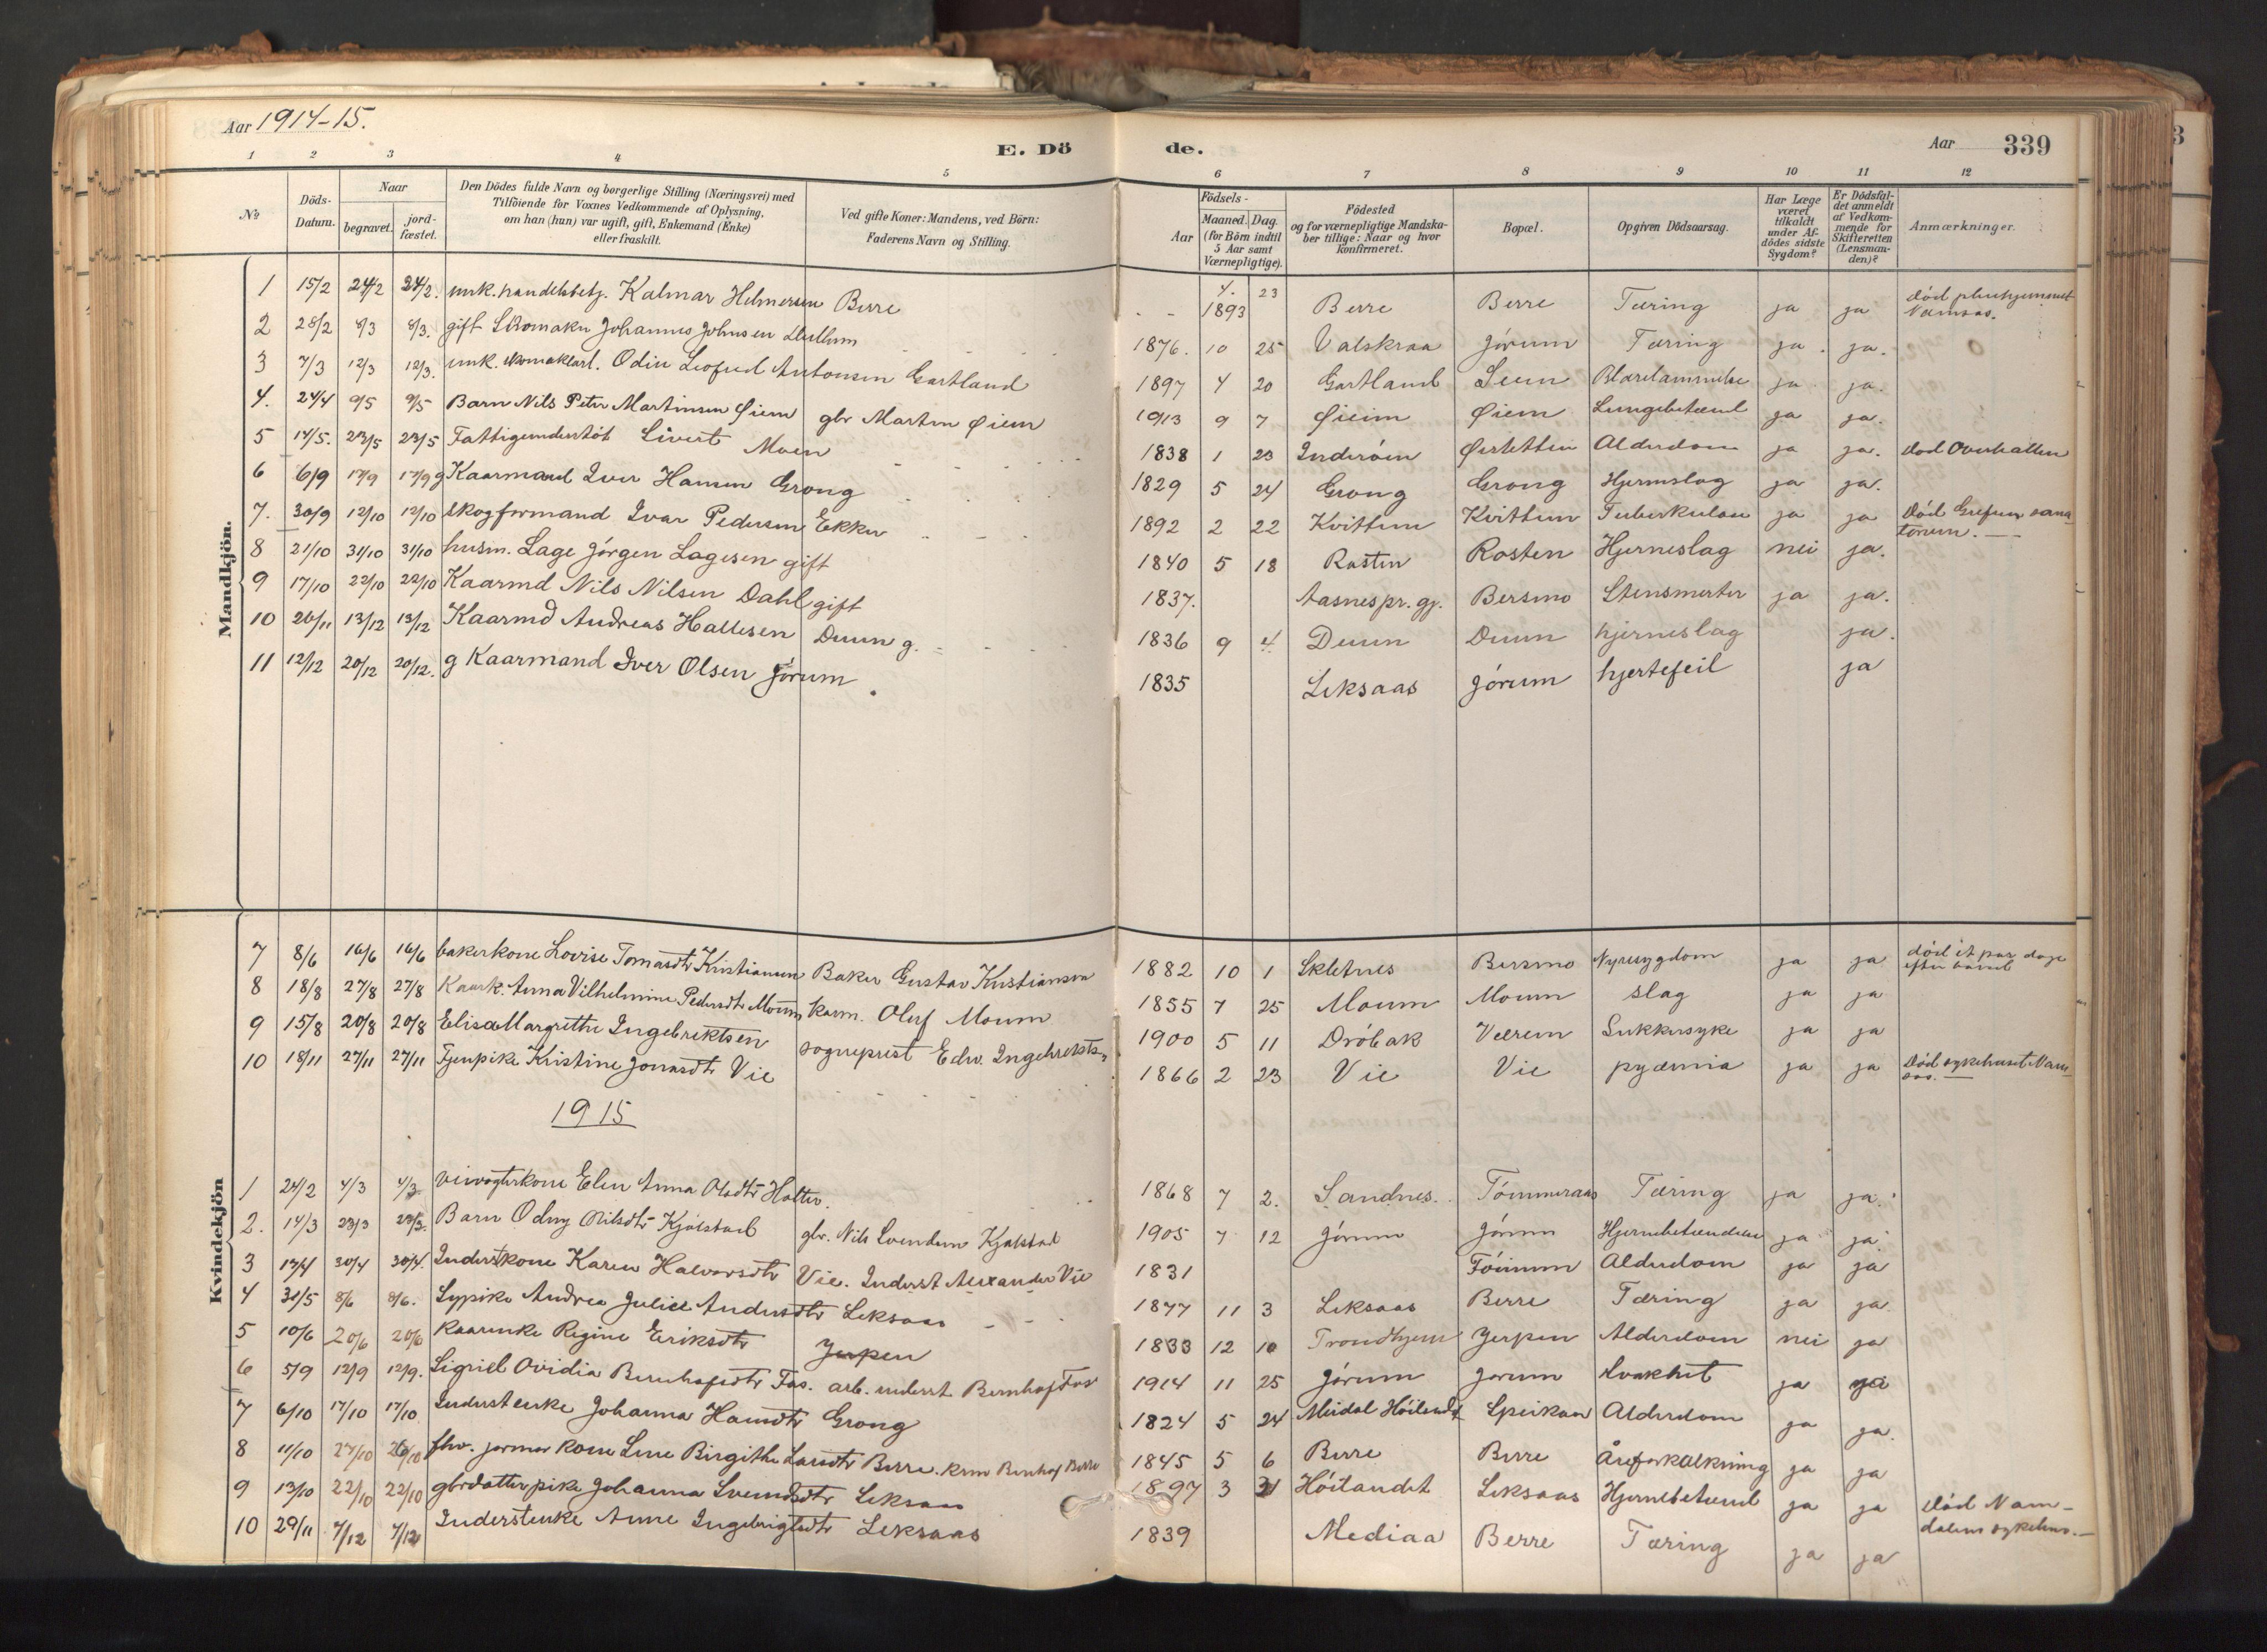 SAT, Ministerialprotokoller, klokkerbøker og fødselsregistre - Nord-Trøndelag, 758/L0519: Ministerialbok nr. 758A04, 1880-1926, s. 339